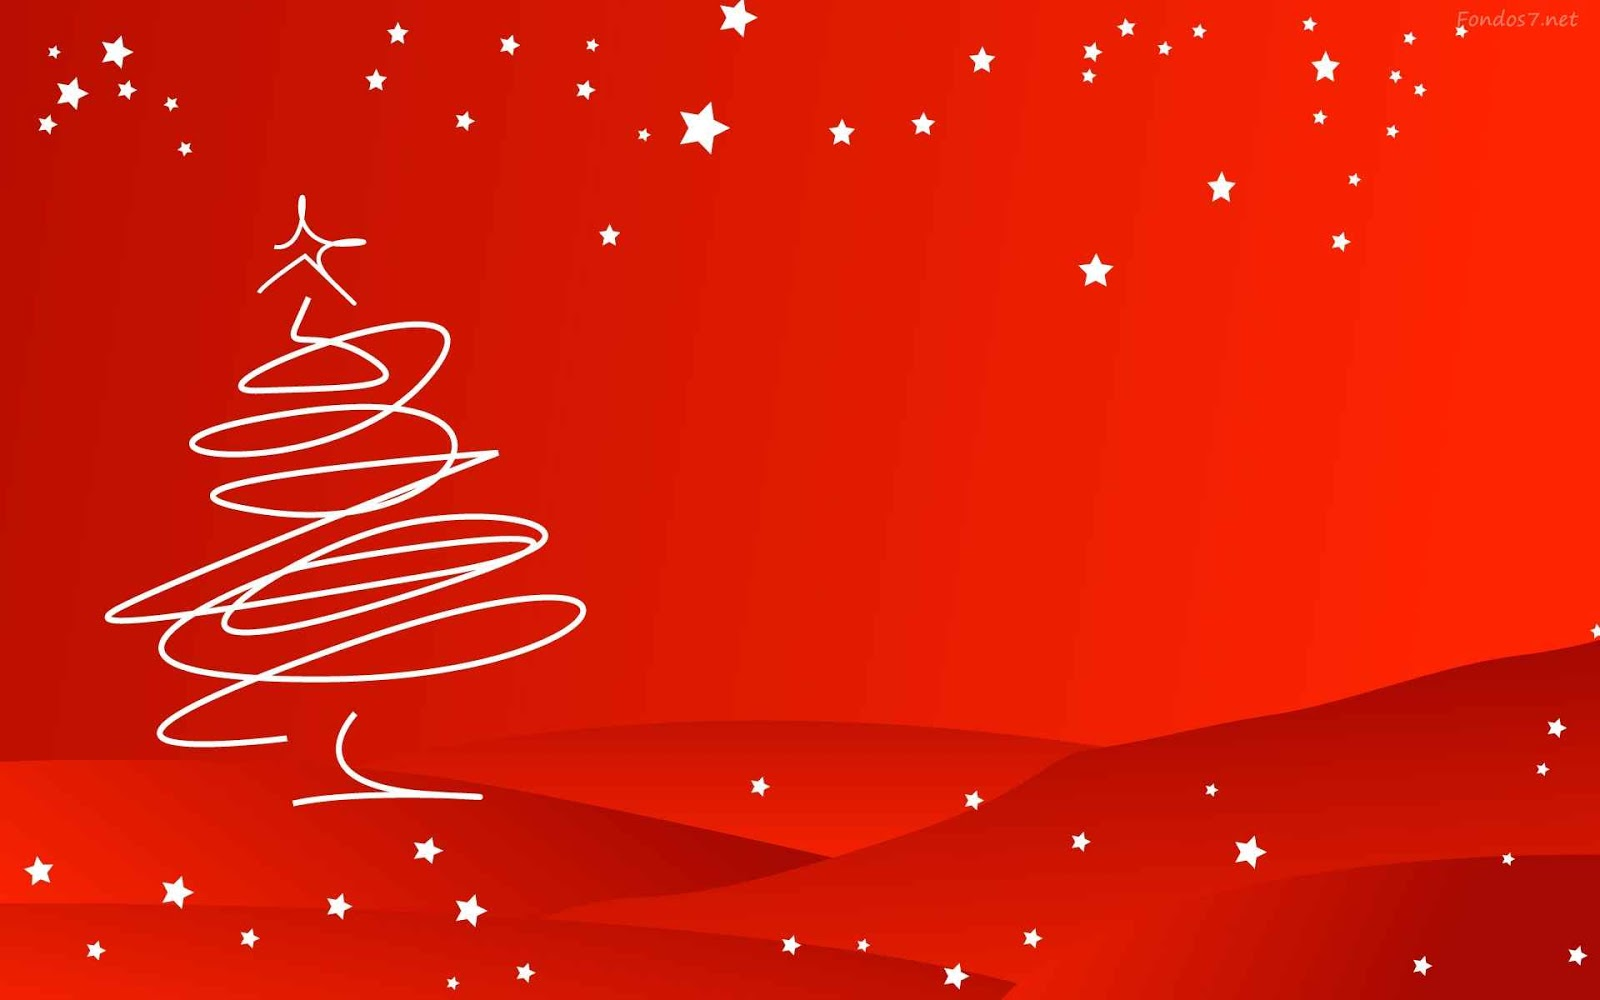 Fondos para esta navidad 2012 en color rojo imagenes de - Dibujos en color de navidad ...